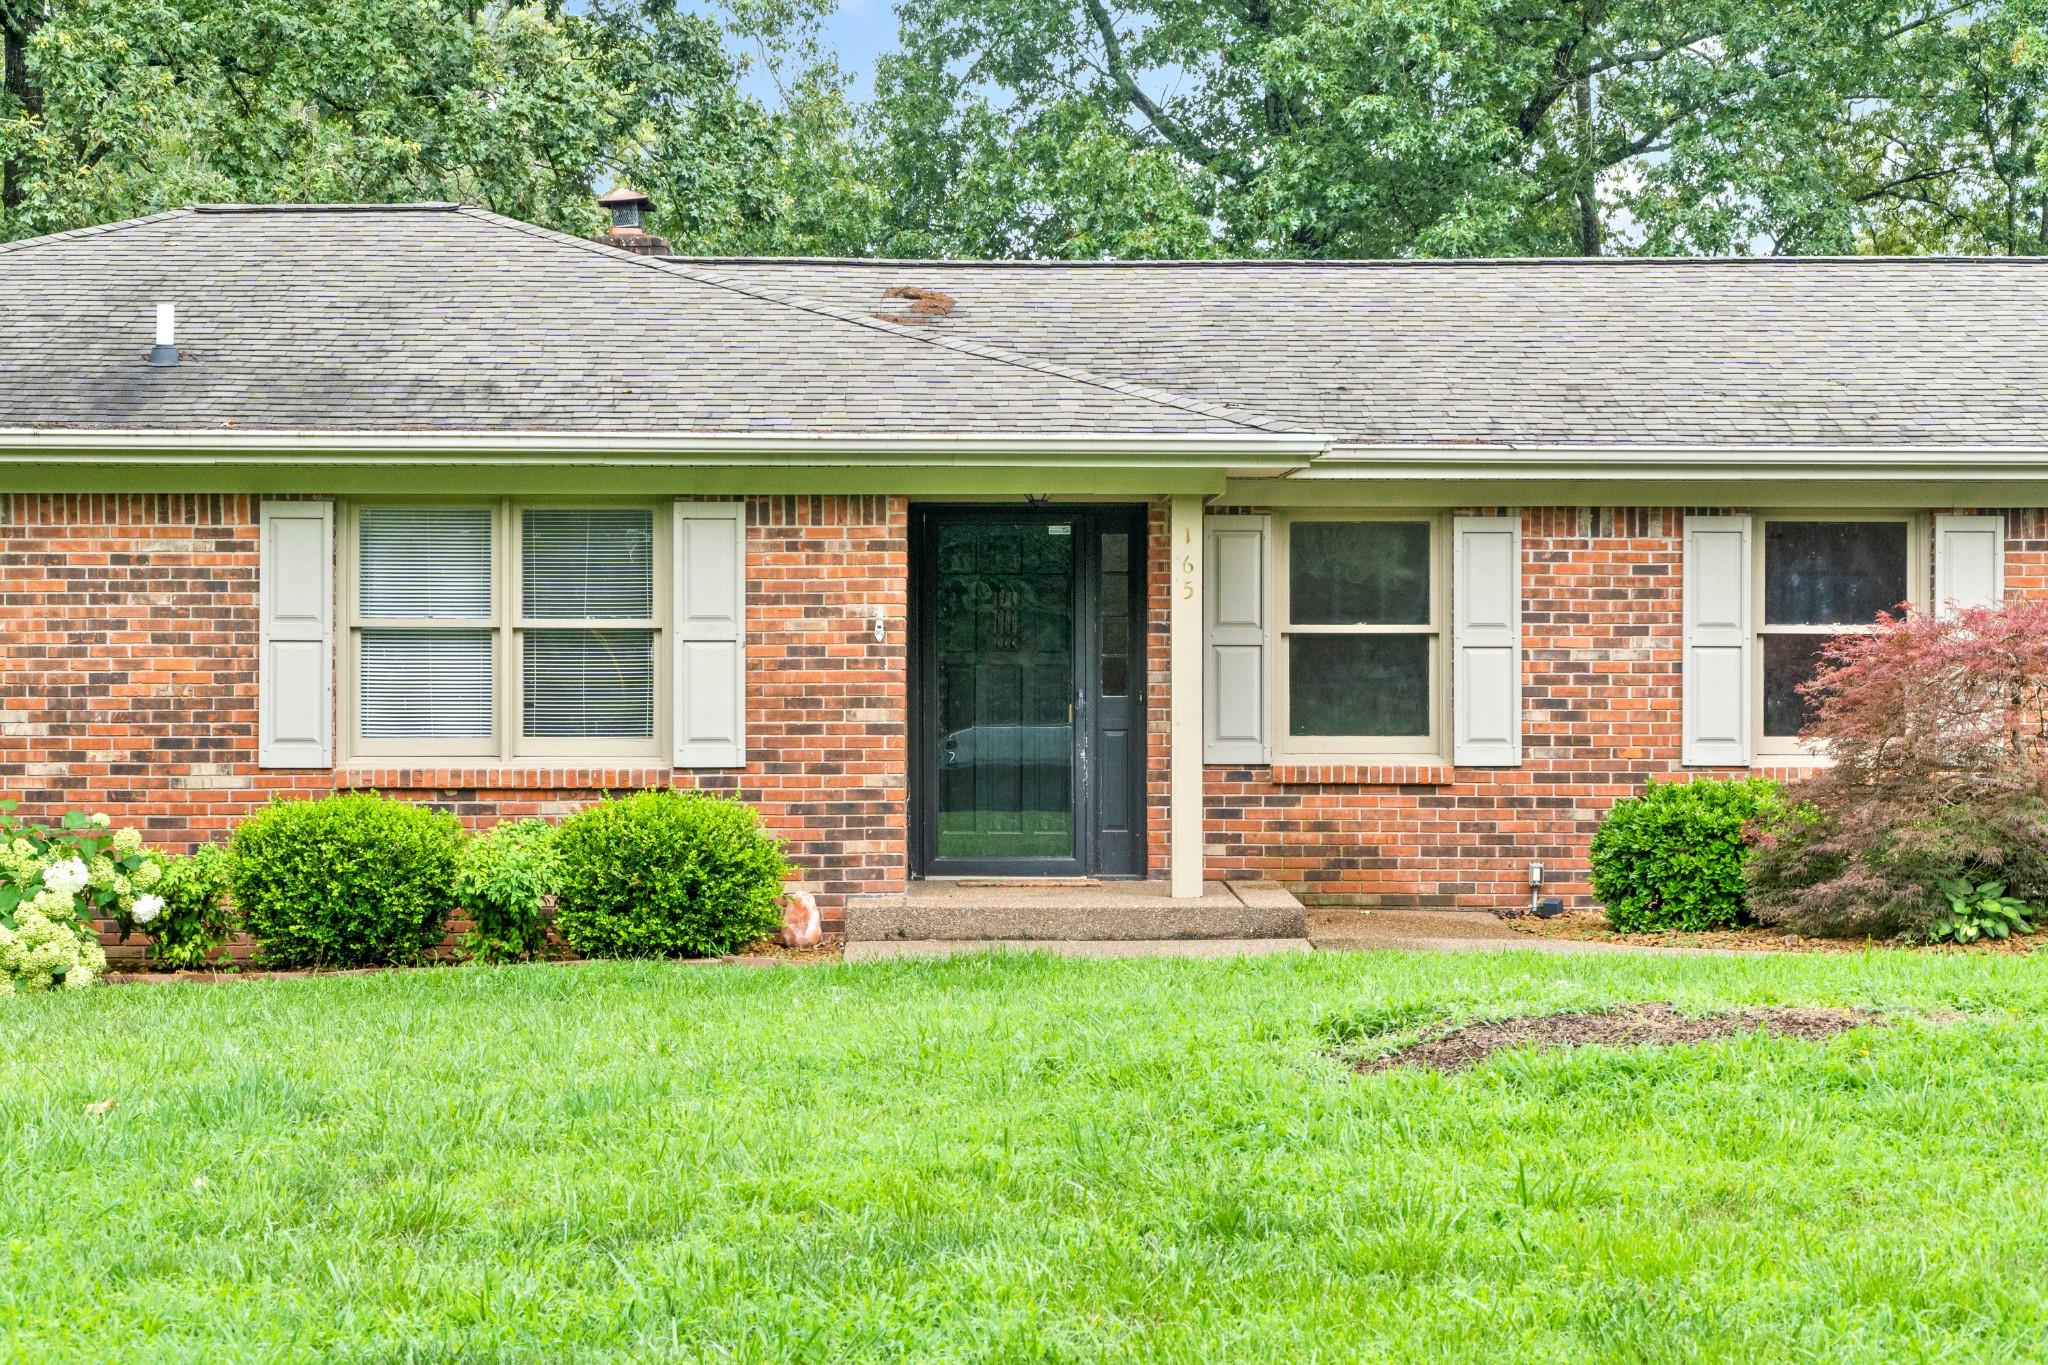 165 Deepwood Est Property Photo - Cadiz, KY real estate listing